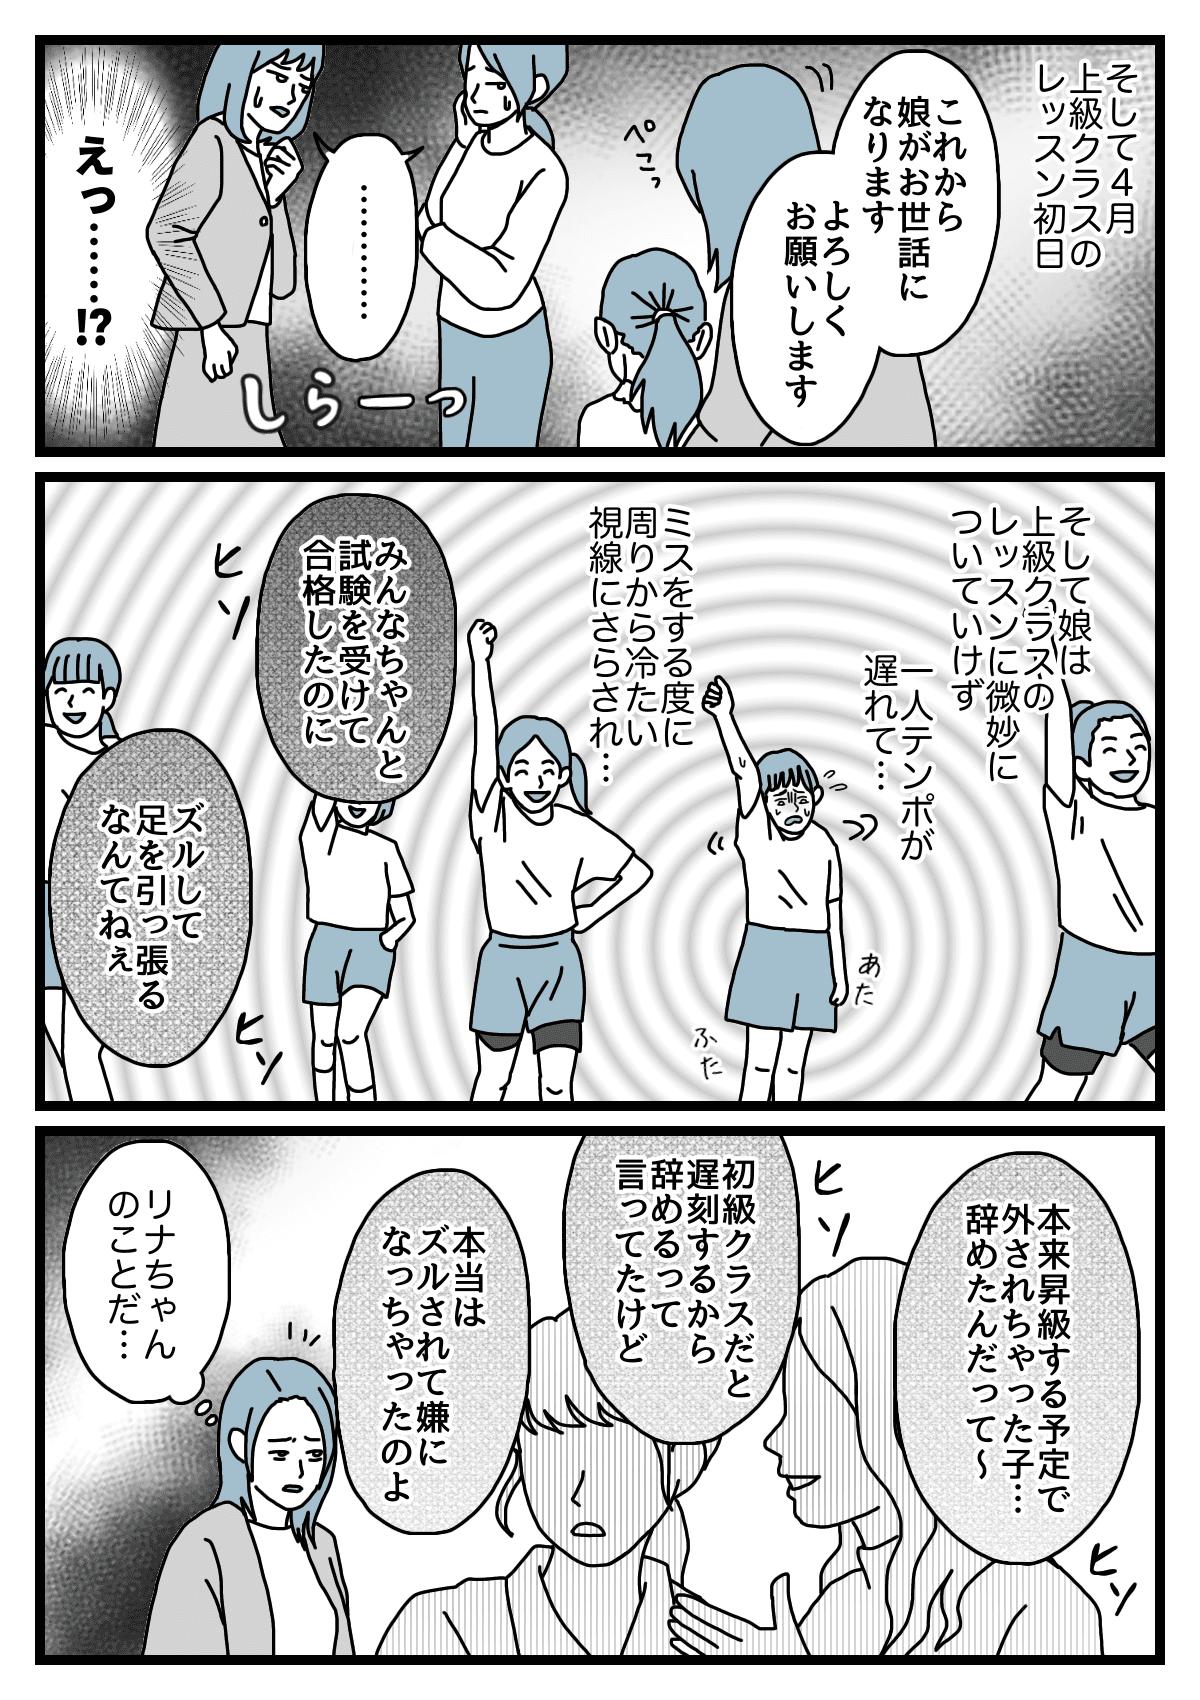 【後編】習い事2